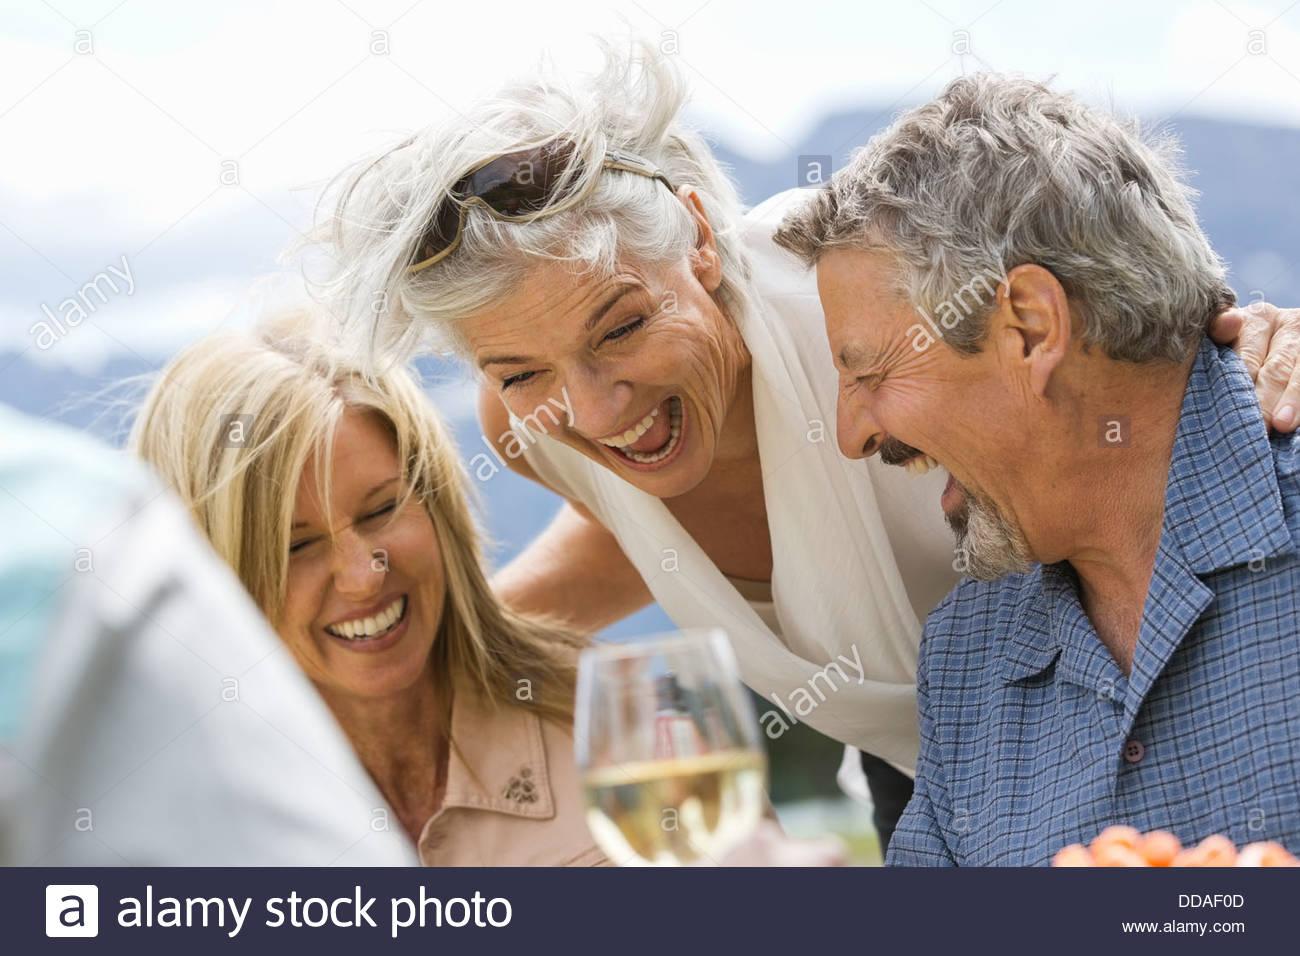 Les amis s'amusant à un pique-nique en plein air Photo Stock